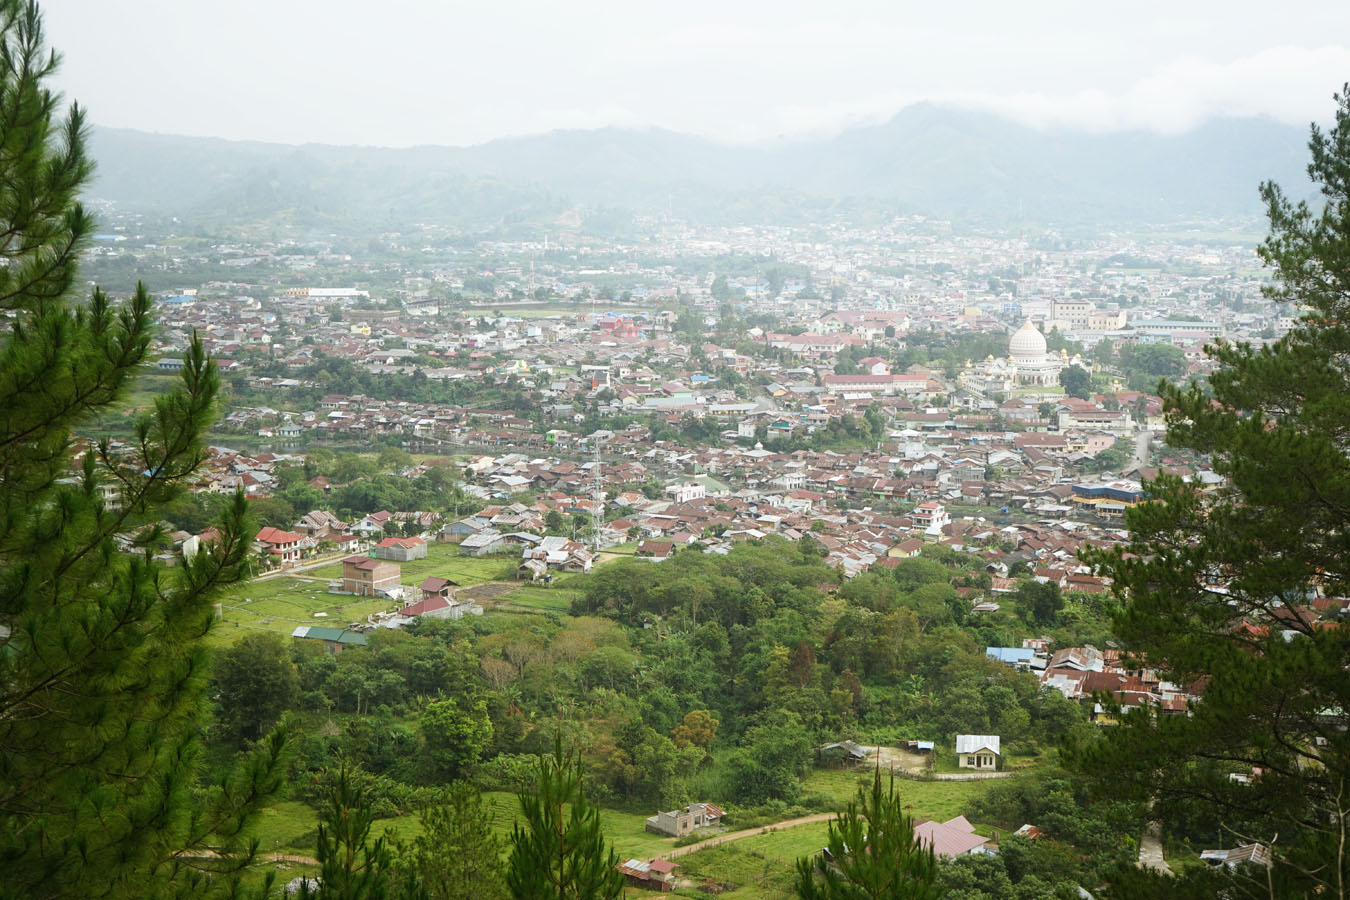 Takengon Indonesia  city photo : Kota Takengon dari atas bukit Saya di Lapangan pacuan kuda. Setiap tgl ...